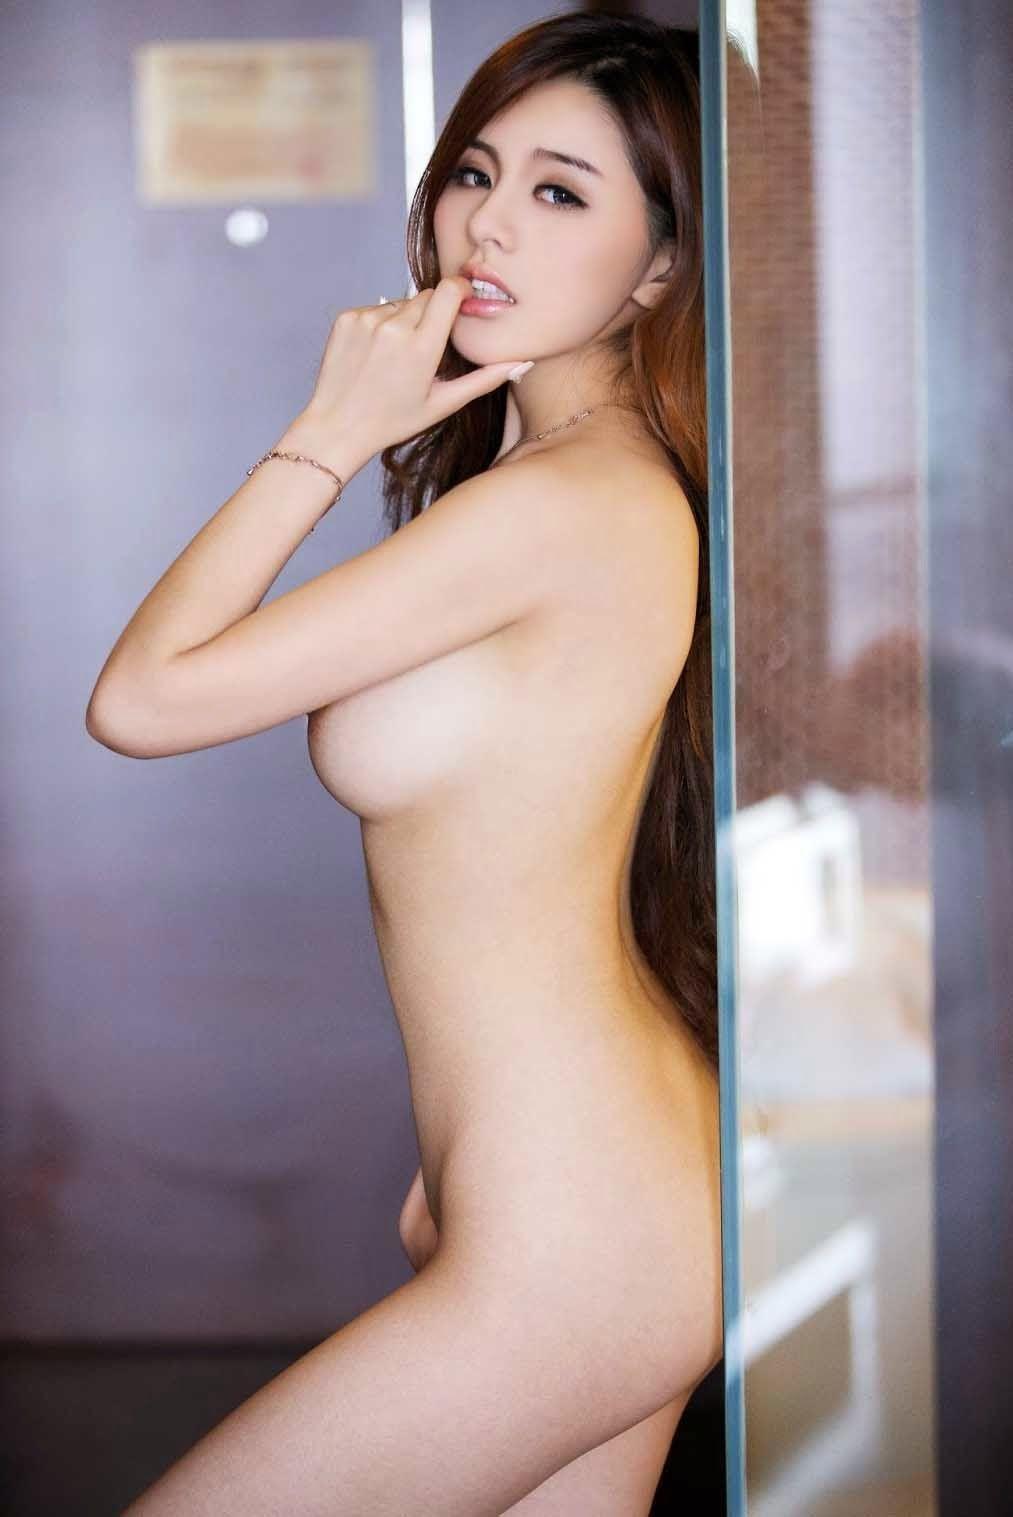 Asia Model Tenn Porn korean sex porno nude modelling - sex archive